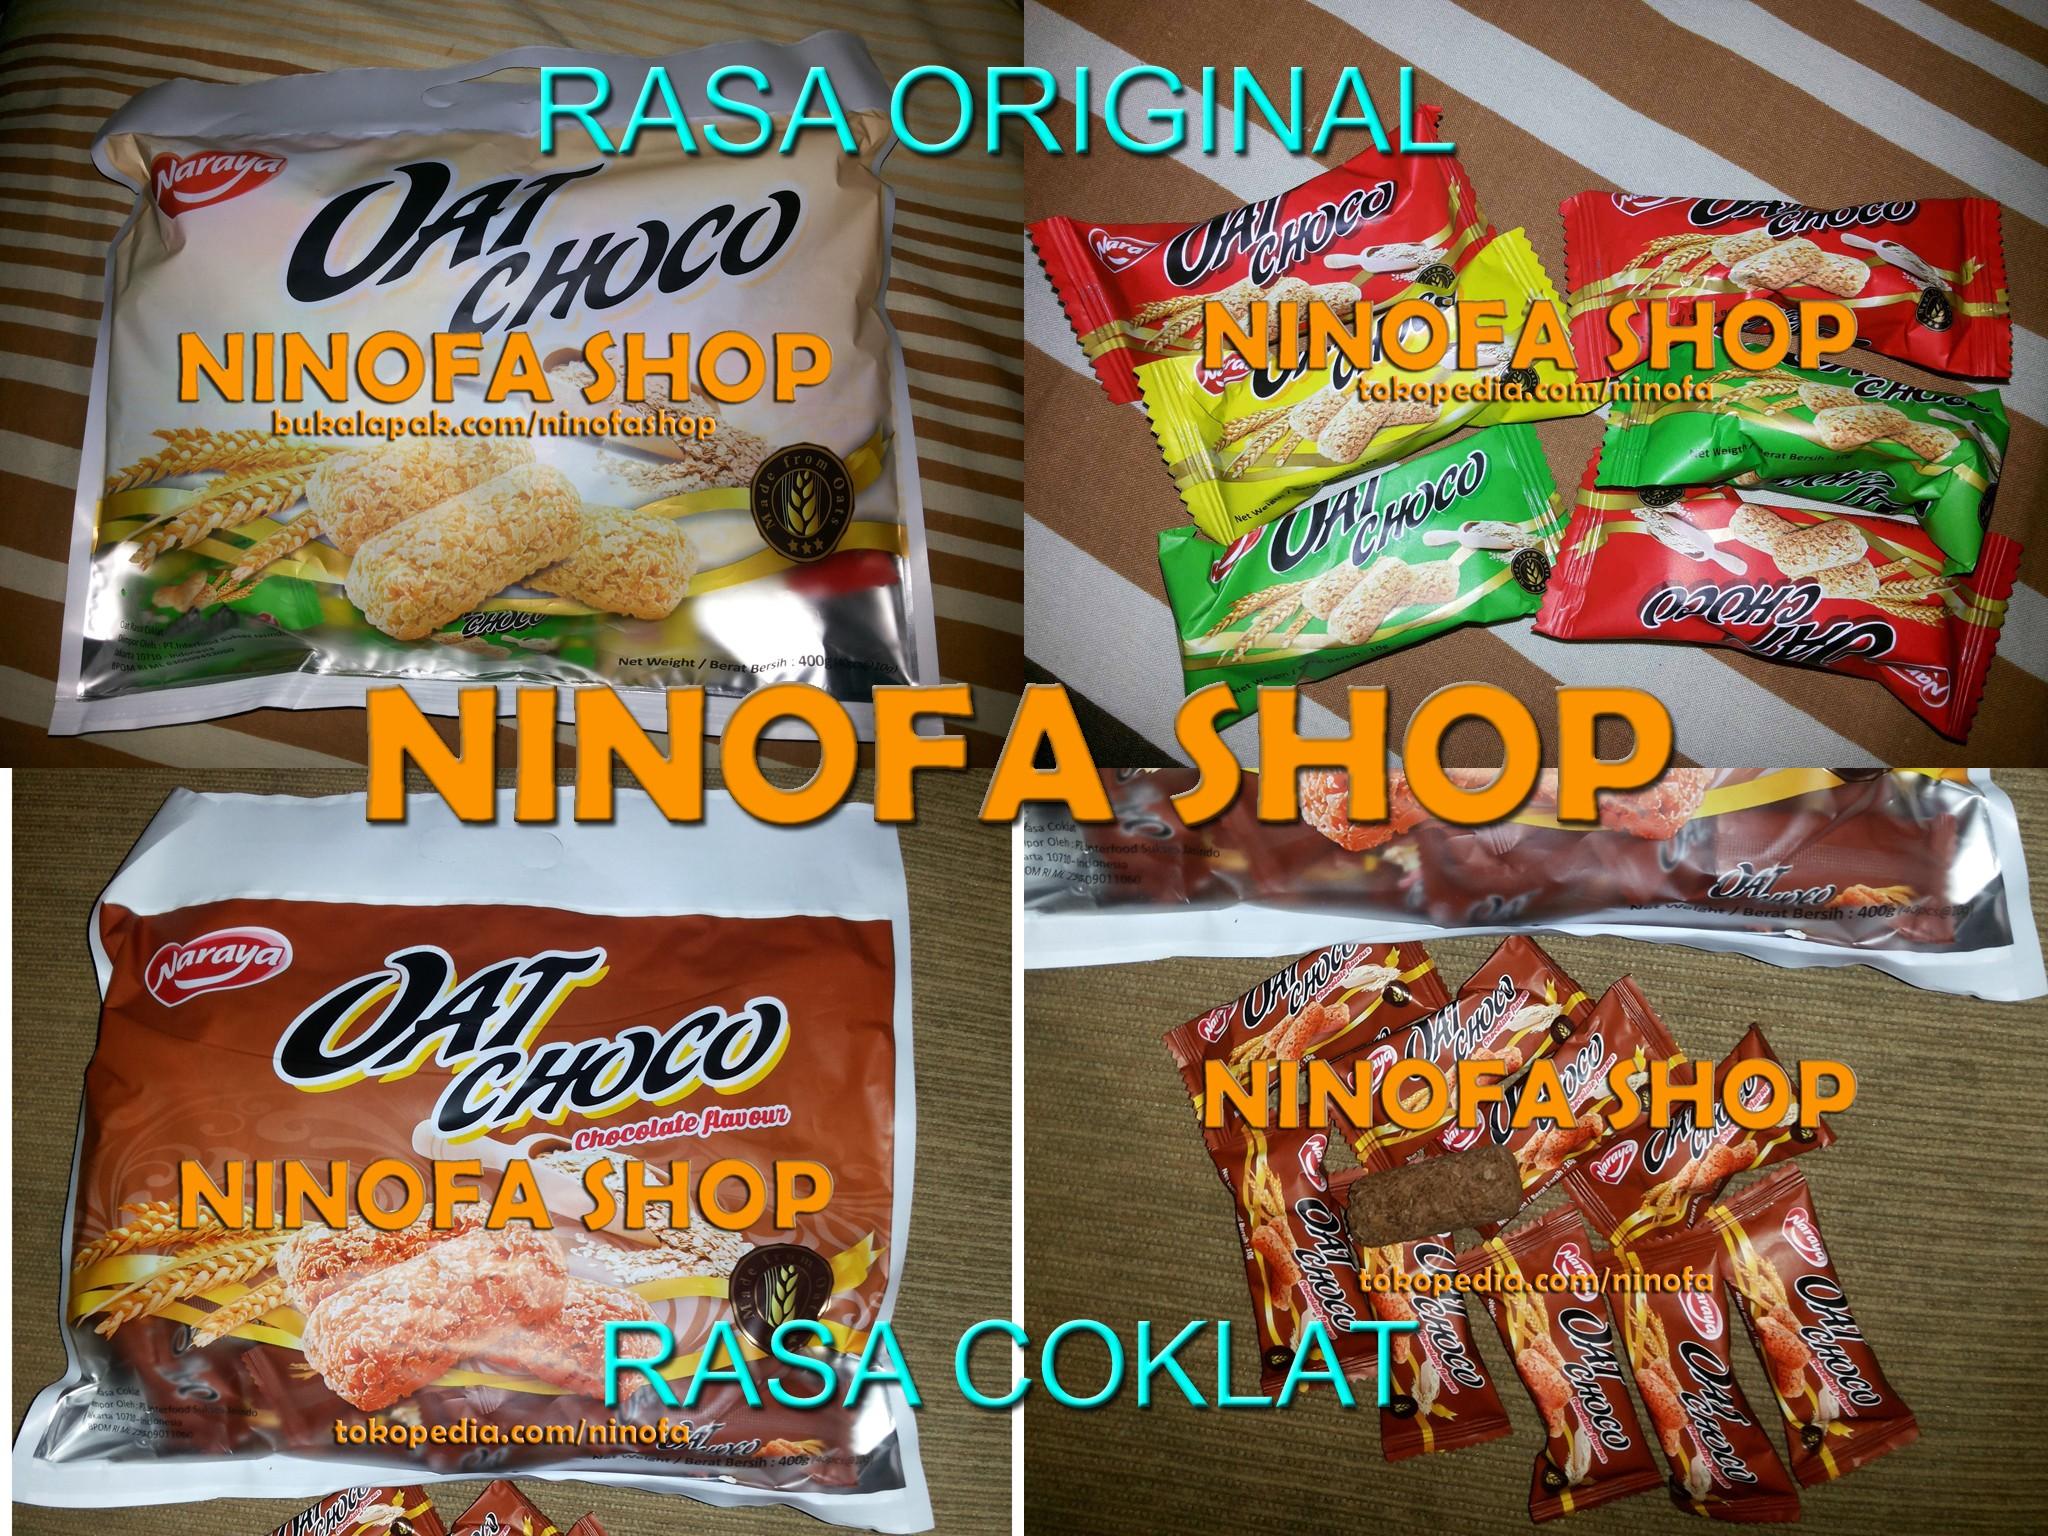 Naraya Oat Choco Rasa Original Vanilla 400gram Snack Diet Vegetarian